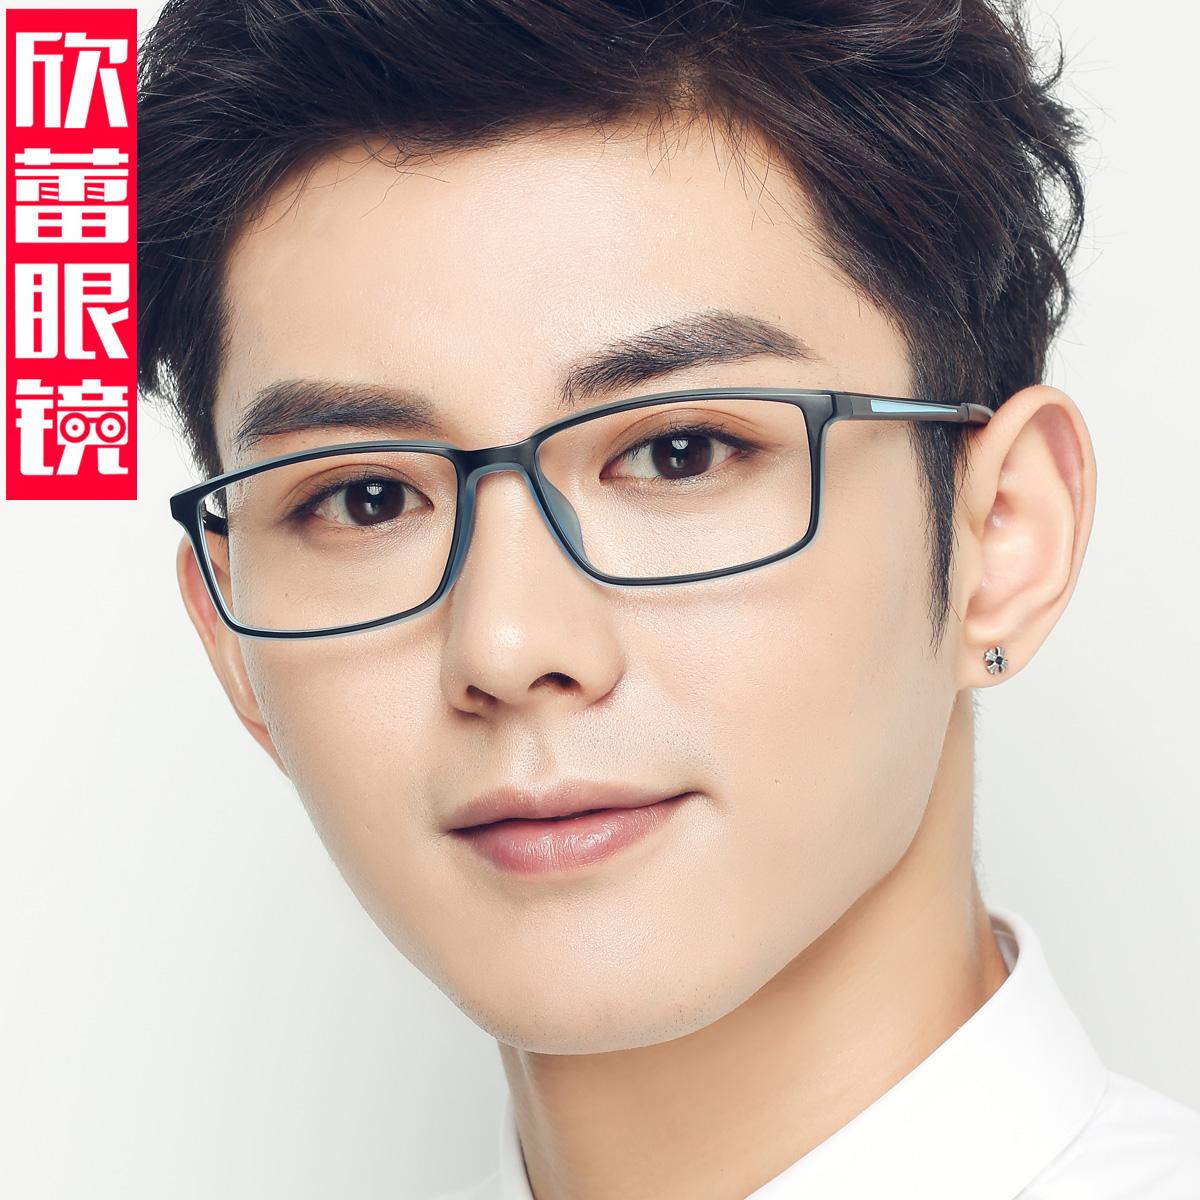 近视眼镜男大脸宽脸TR90运动眼镜 防滑眼镜 眼镜框近视男款防蓝光